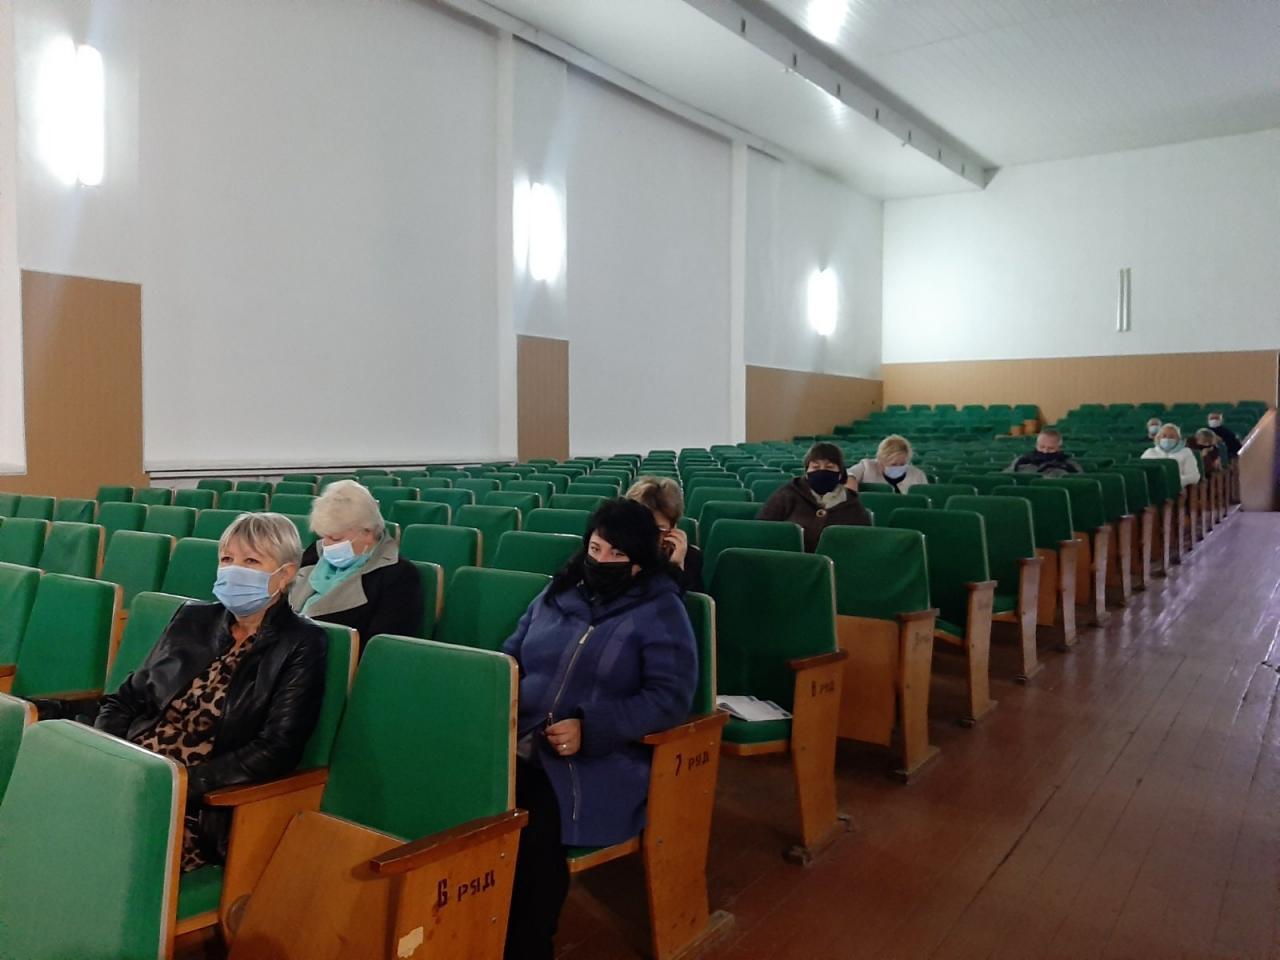 http://dunrada.gov.ua/uploadfile/archive_news/2020/10/15/2020-10-15_986/images/images-7959.jpg